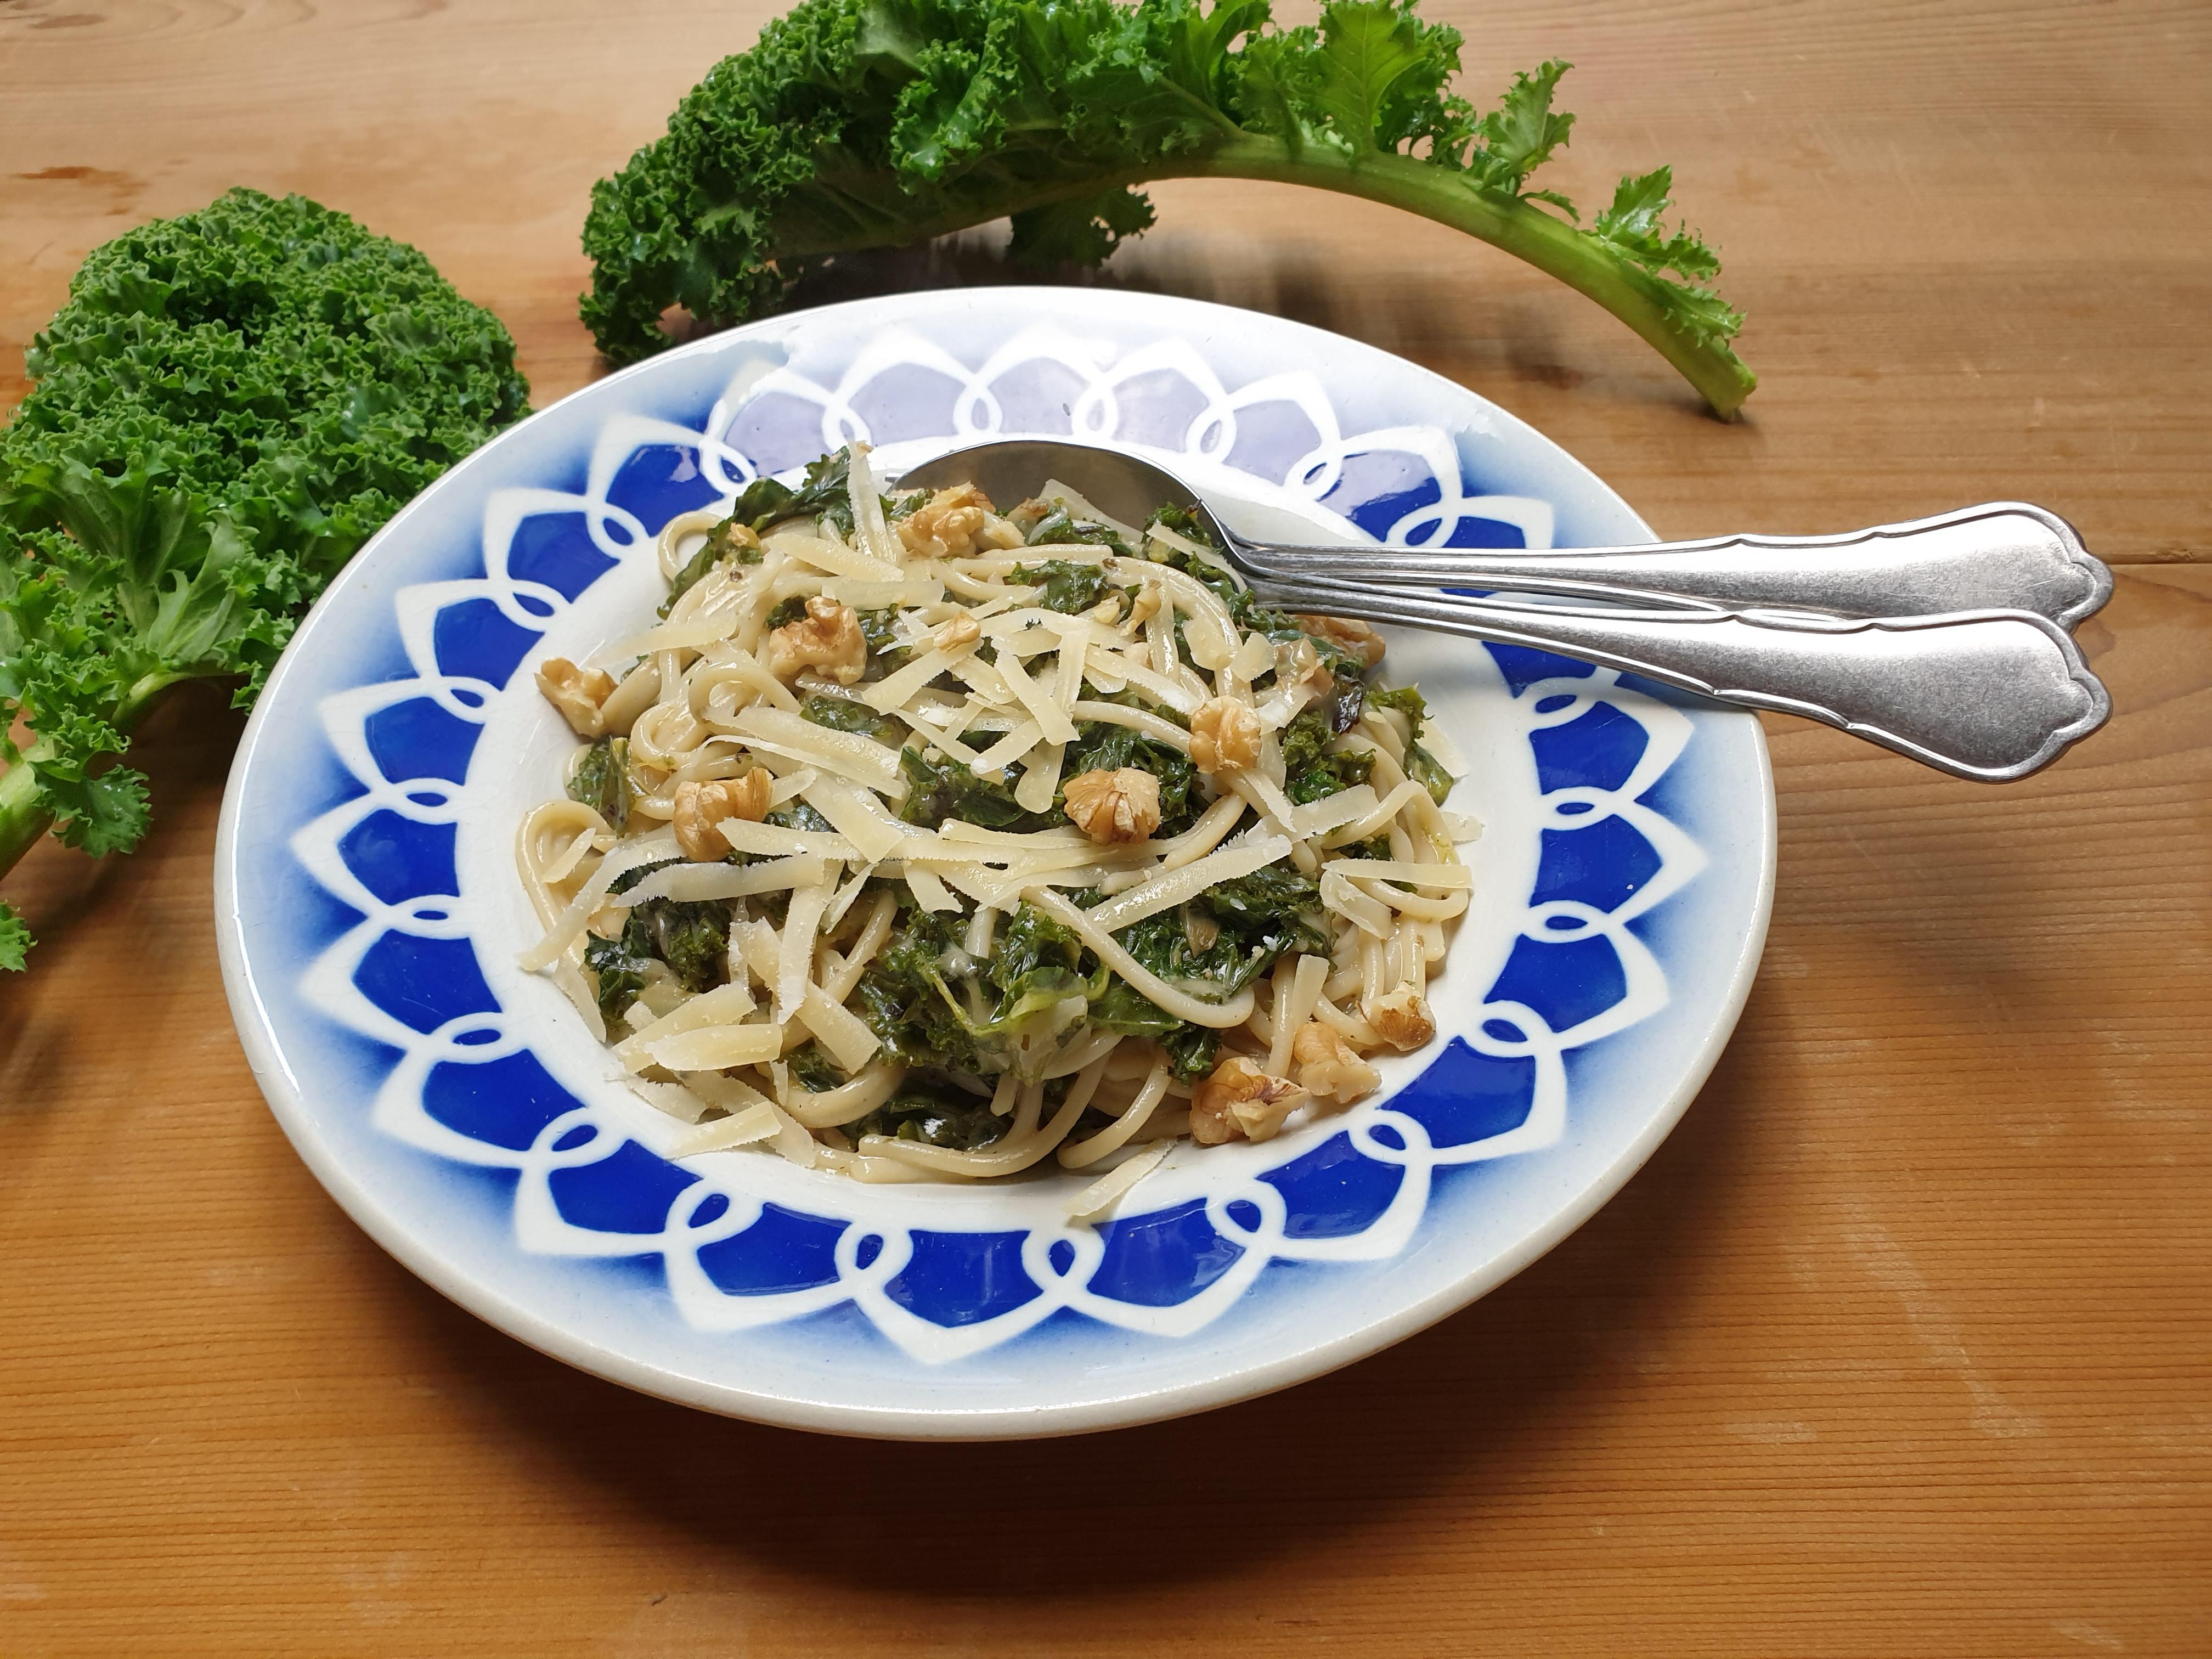 Uitgelichte foto voor het bericht Boerenkool met pasta